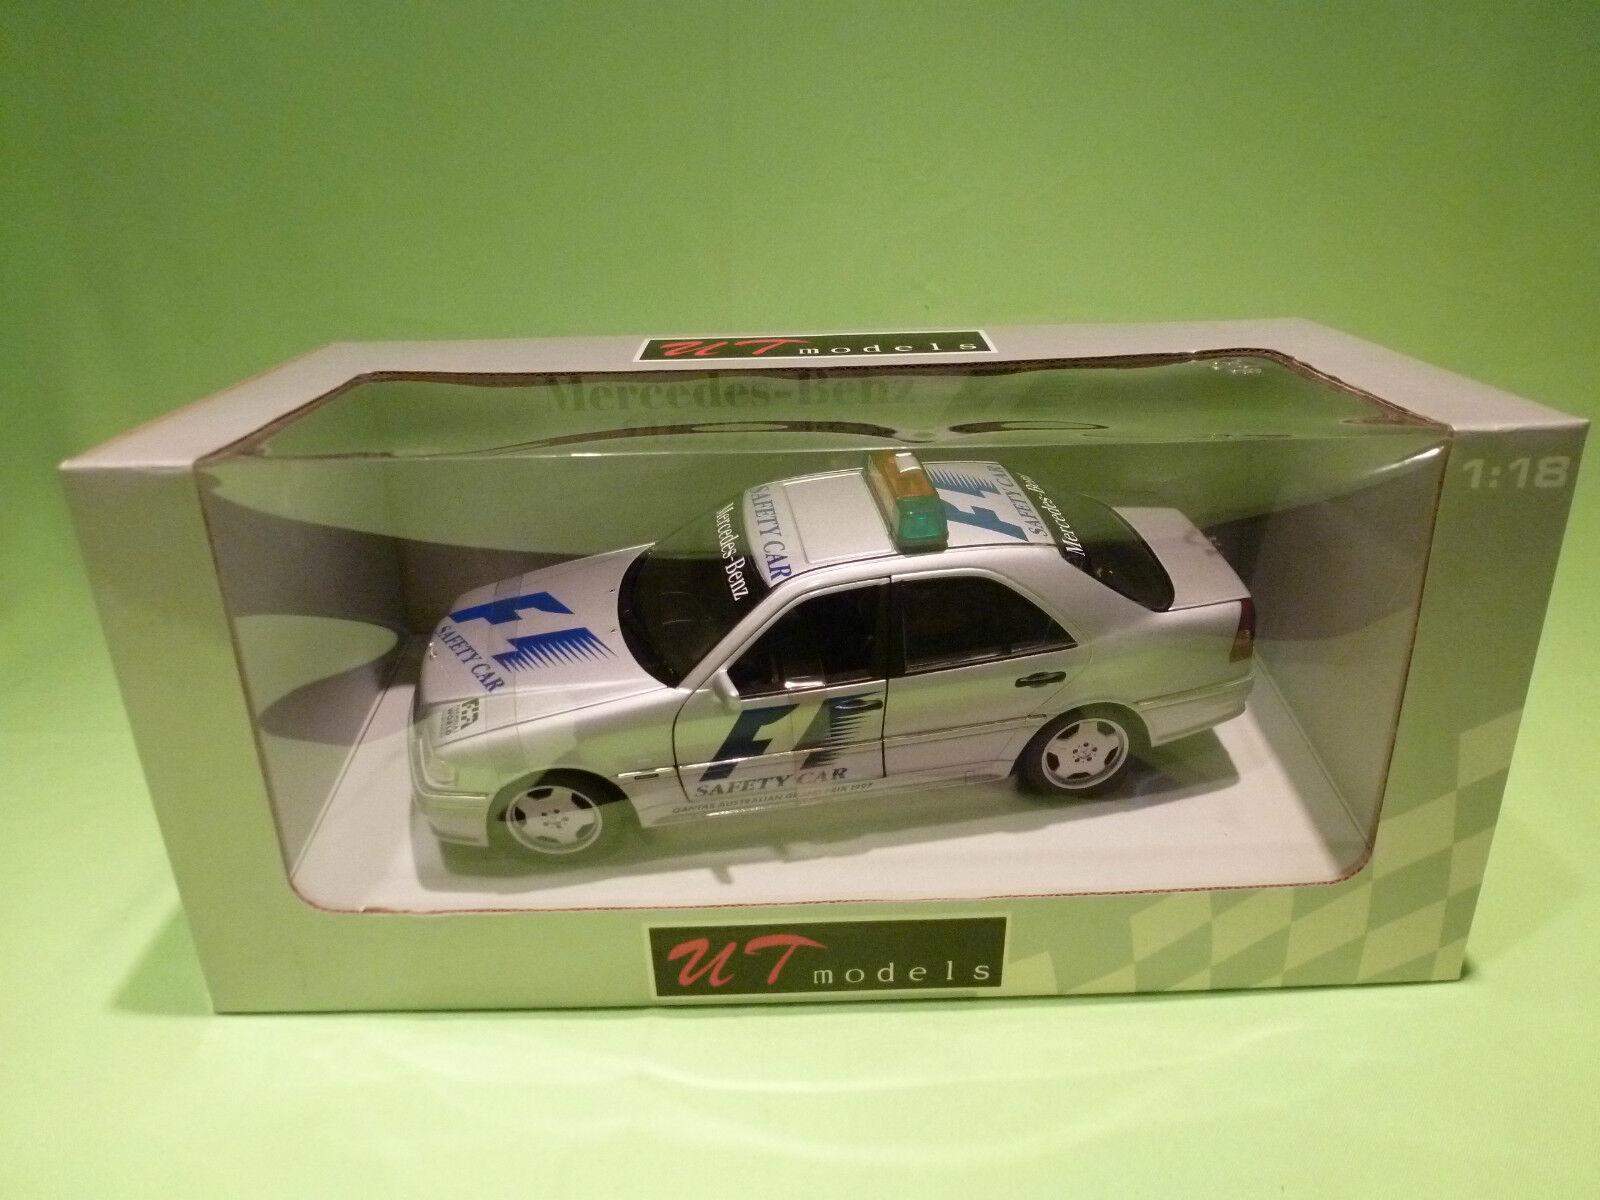 ¡No dudes! ¡Compra ahora! UT MODELS MODELS MODELS 1 18 MERCEDES BENZ F1 SAFETY Coche - AUSTRALIA  - RARE SELTEN - IN BOX  a la venta